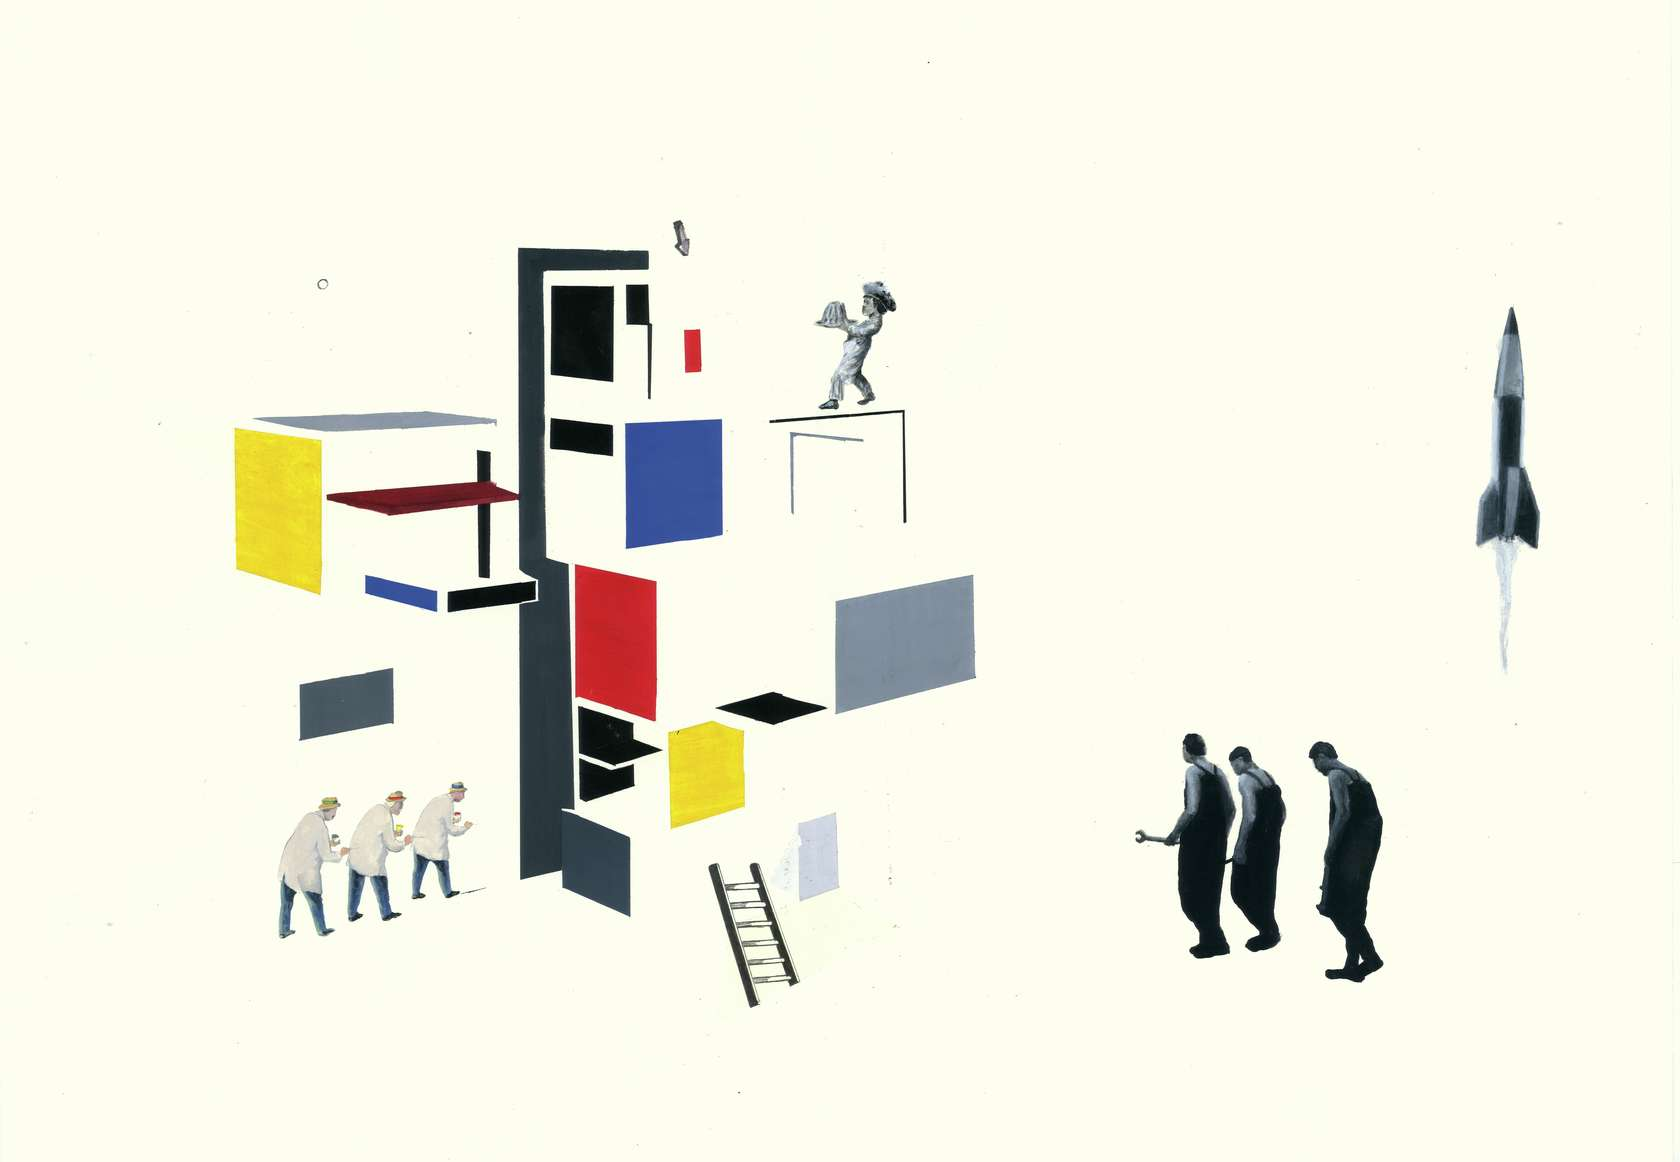 Sébastien Gouju, Sans titre, 2011 Encre, gouache et graphite sur papier42 x 60 cm / 16 1/2 x 23 5/8 inches